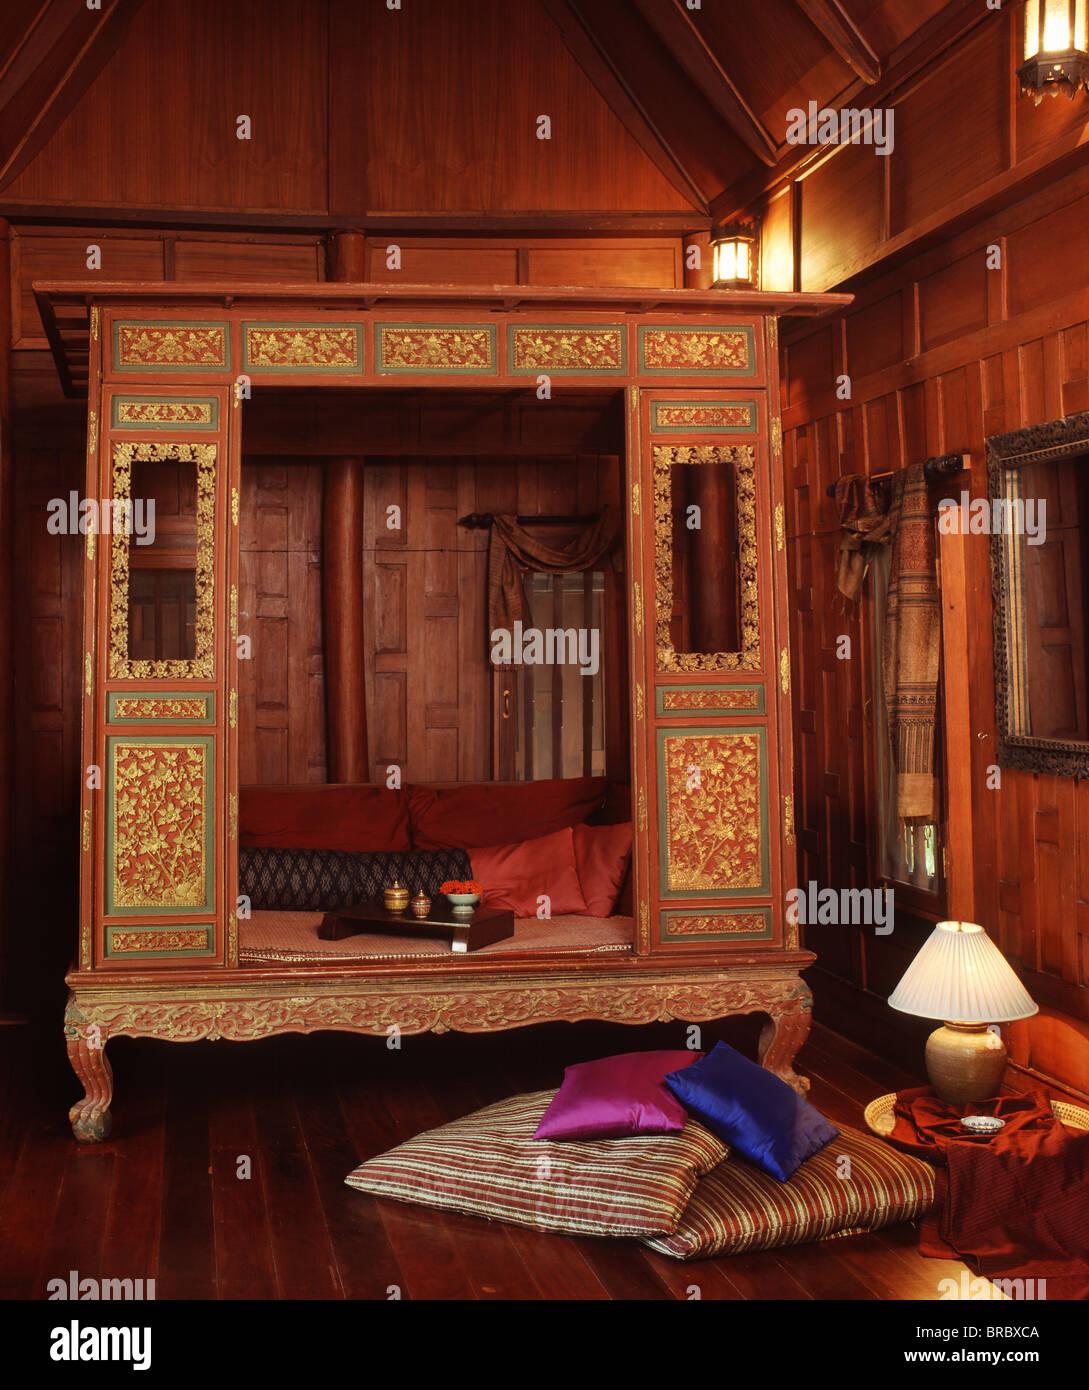 Interno di un stile tailandese home con un letto Thai-Chinese, Thailandia Immagini Stock